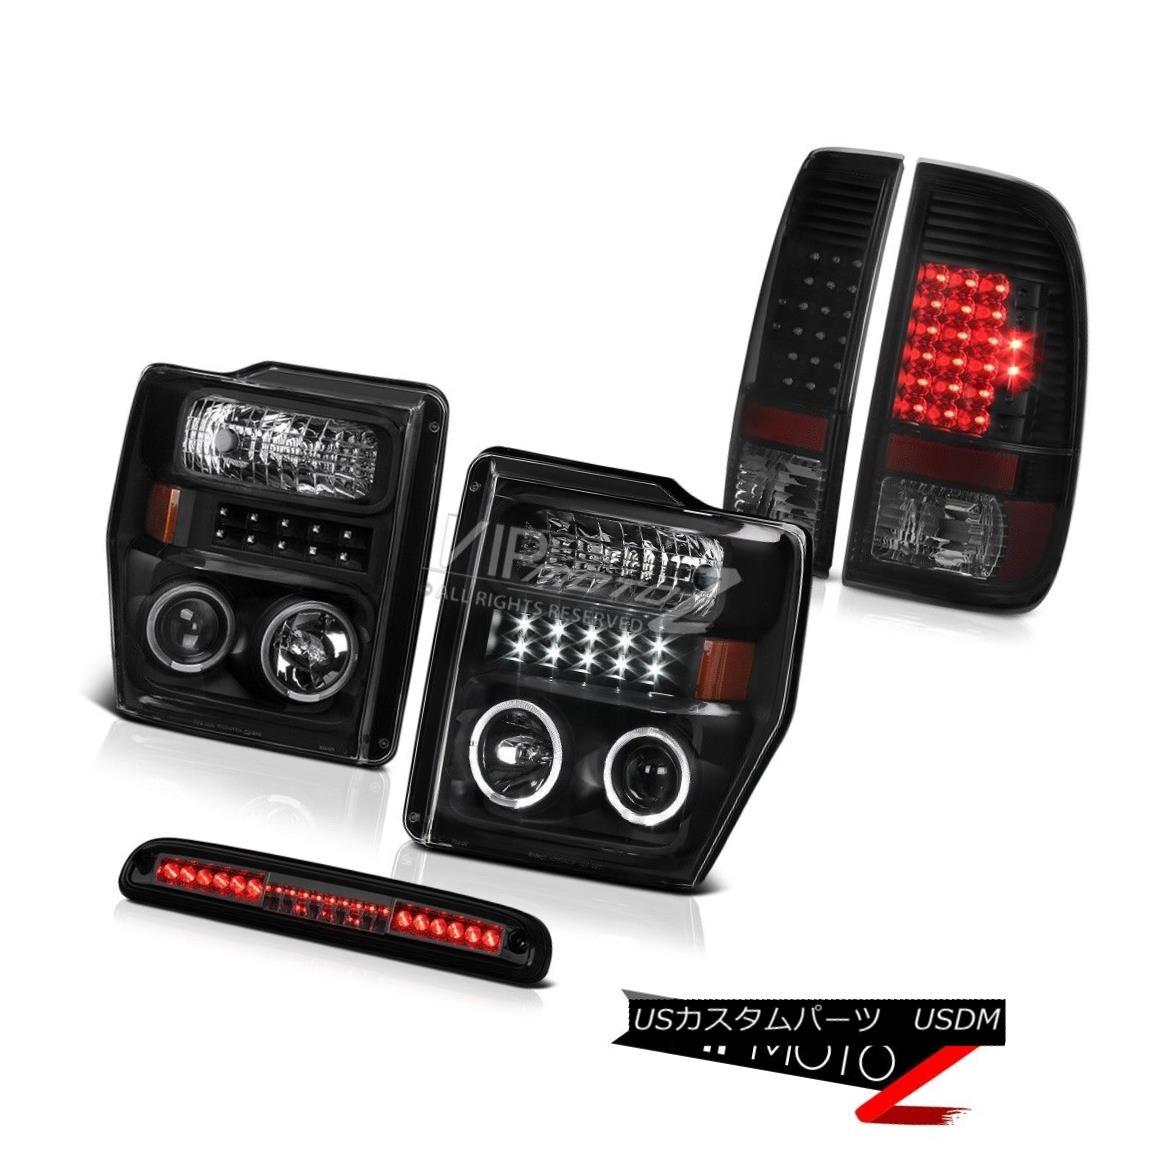 テールライト 2008-2010 F350 Triton V10 Black LED Headlights Sinister Taillights Brake Cargo 2008年?2010年F350トリトンV10ブラックLEDヘッドライト不快なティアライトブレーキカーゴ